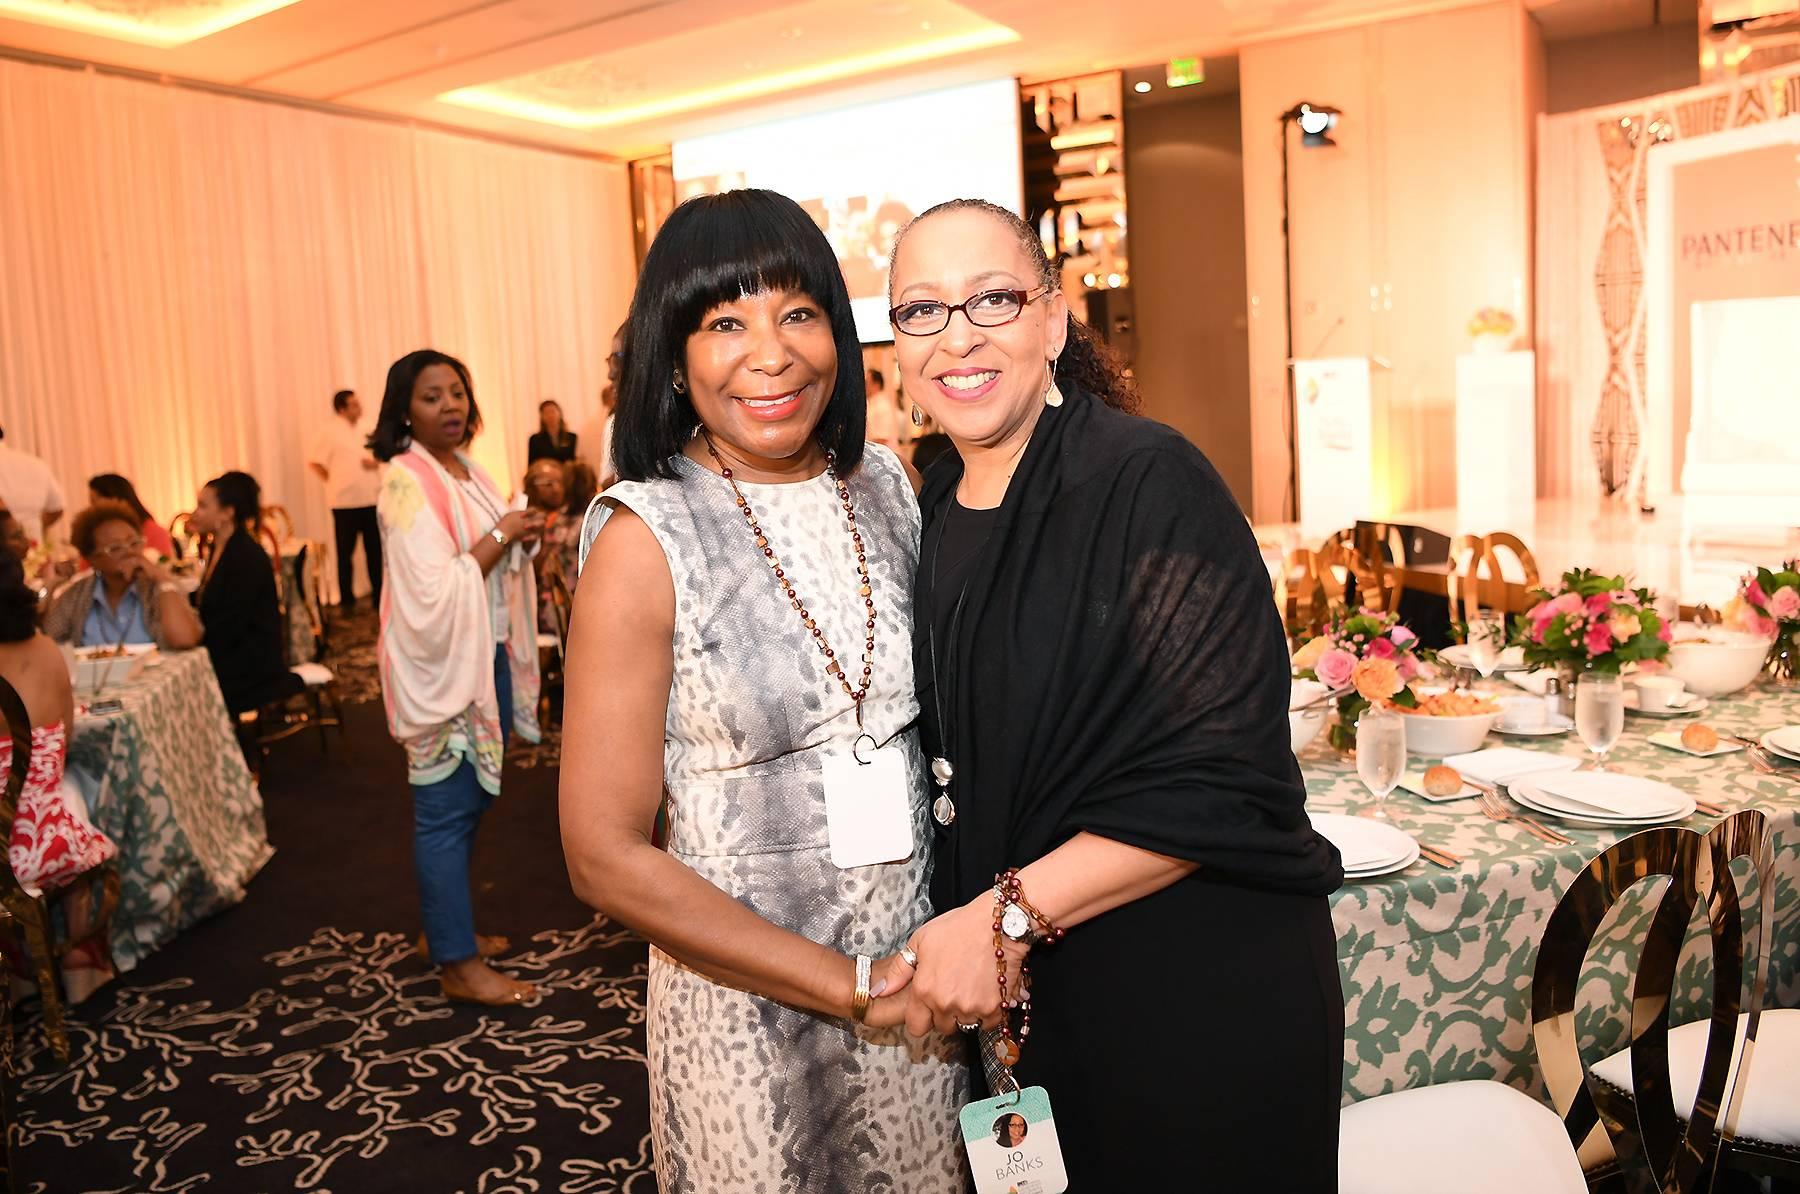 Ladies Link Up - Vivian Pickard (left) (Photo: Phelan Marc/BET)